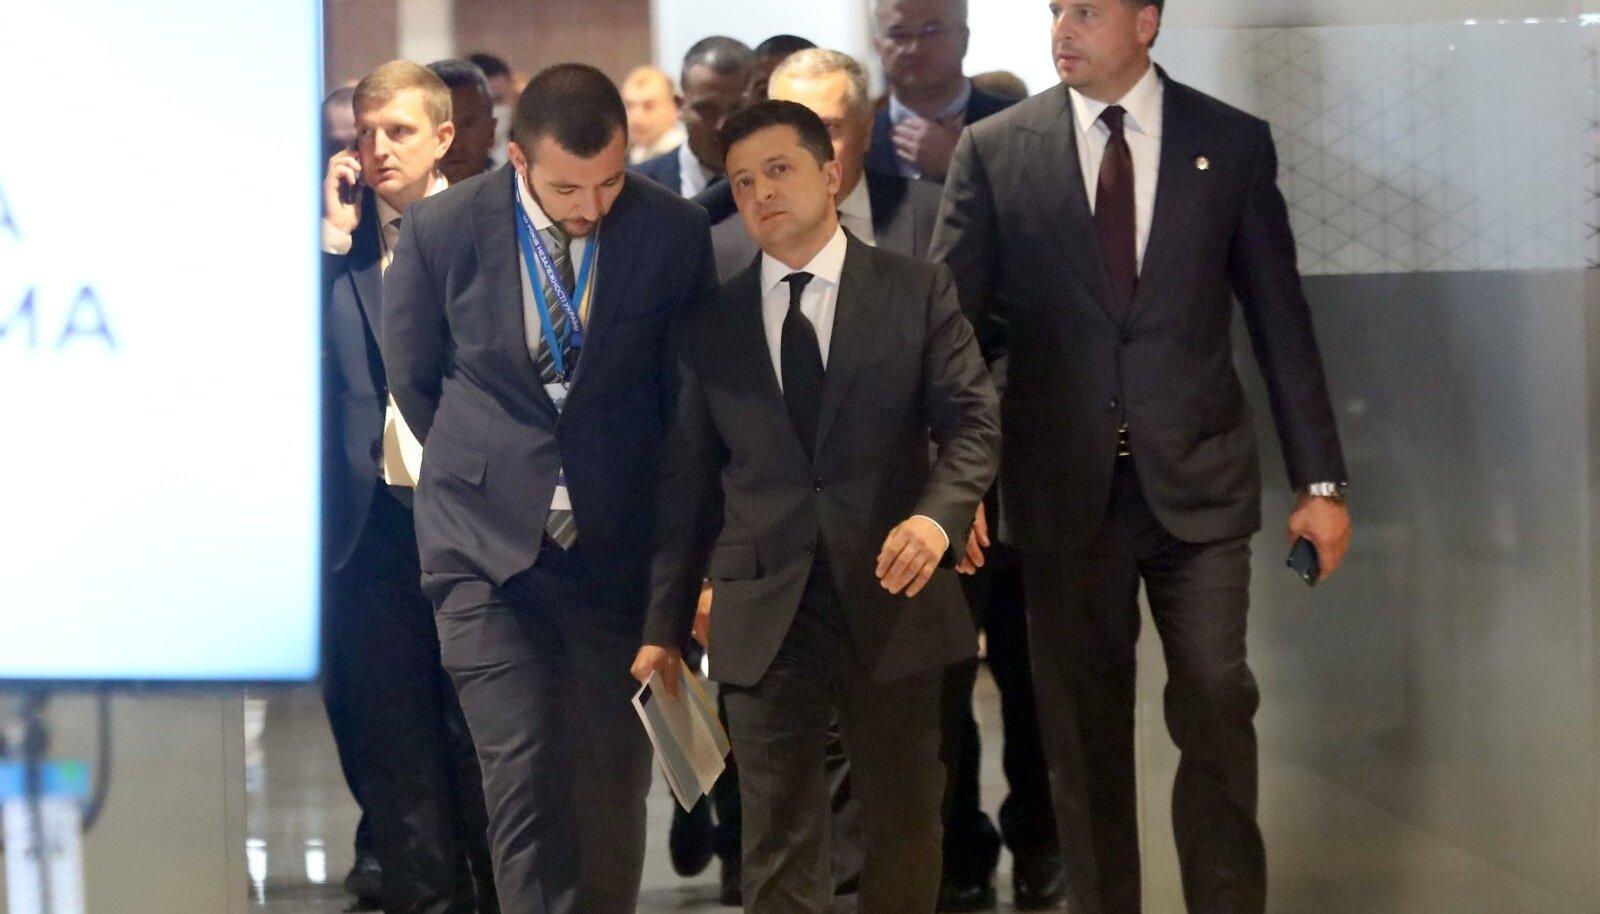 Ukraina president Volodõmõr Zelenskõi (ees) rõhutas üleeile Kiievi tippkohtumisel, et Kiiev üksinda ei suuda kunagi Krimmi tagasi tuua.